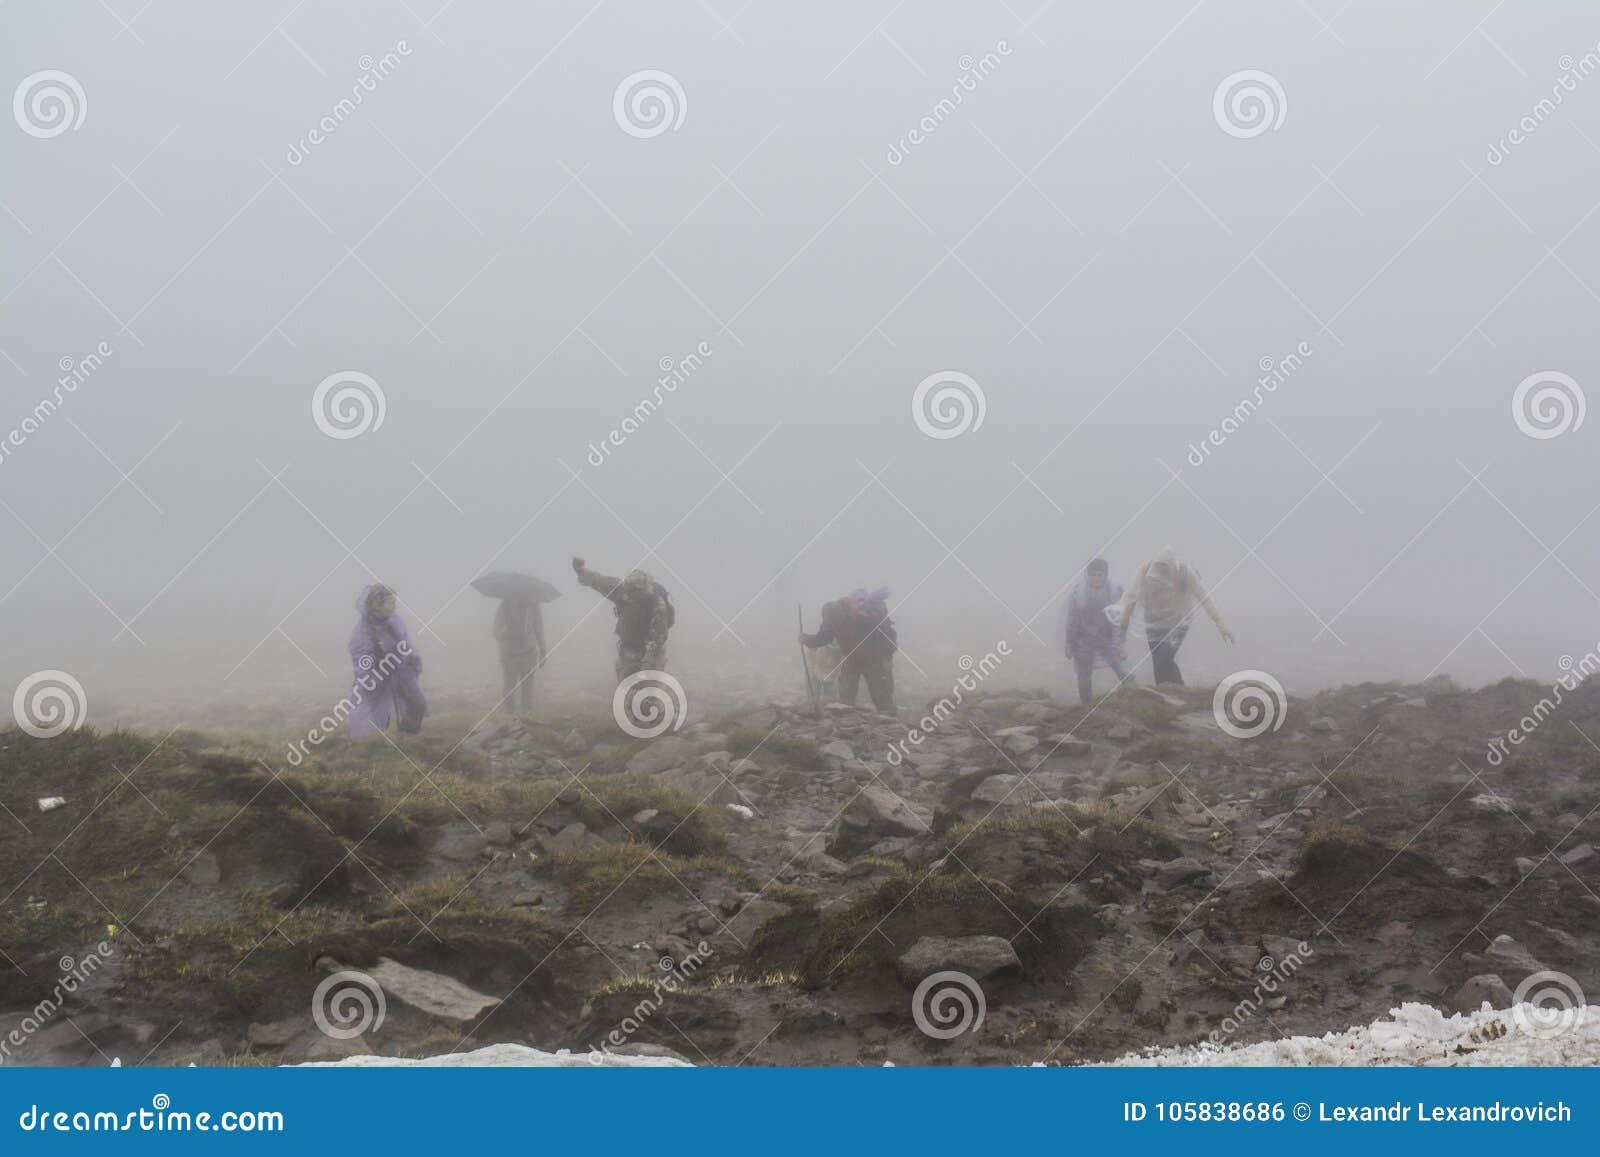 Ομάδα αλπινιστών που αναρριχούνται επάνω στην κορυφή του βουνού